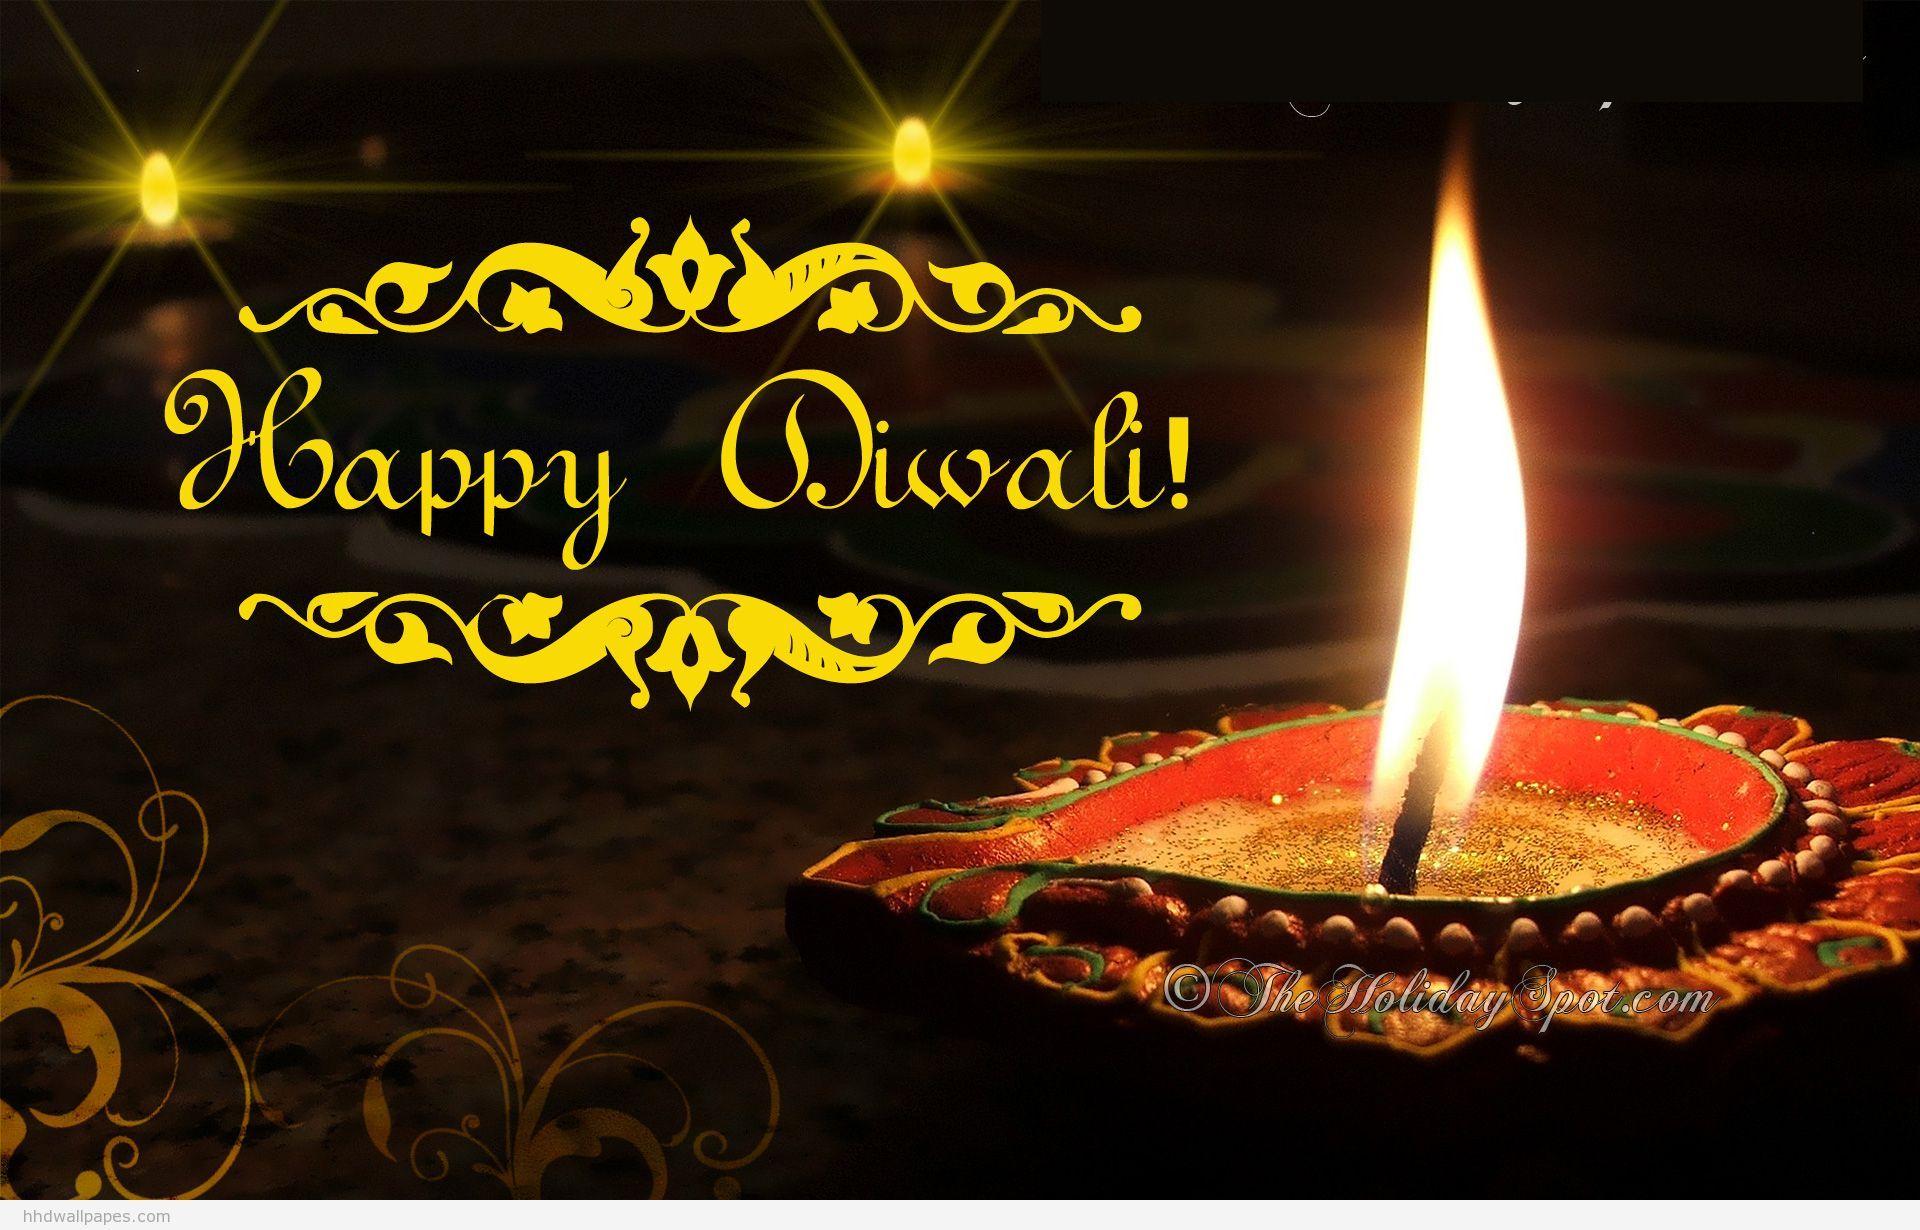 Happy Diwali 2016 Images Diwali Wallpapers Diwali Images